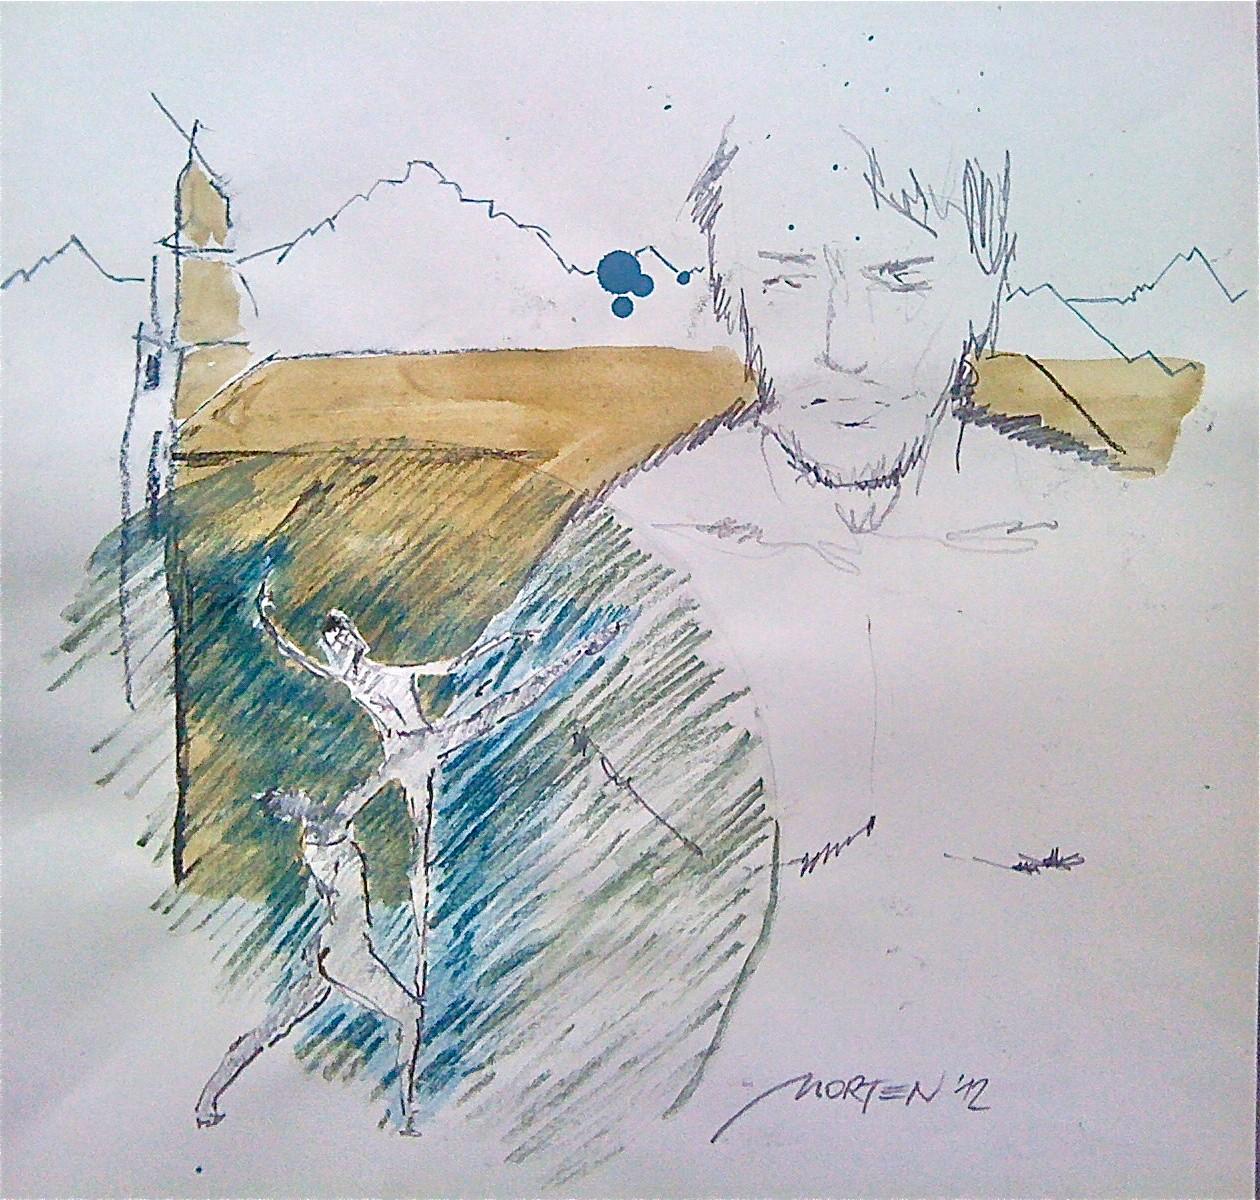 GIACOMETTIs BEWEGUNG, 2012, Johannes Morten, 40 x 40 cm, Acryl, Graphit und Ölkreide auf Pappe